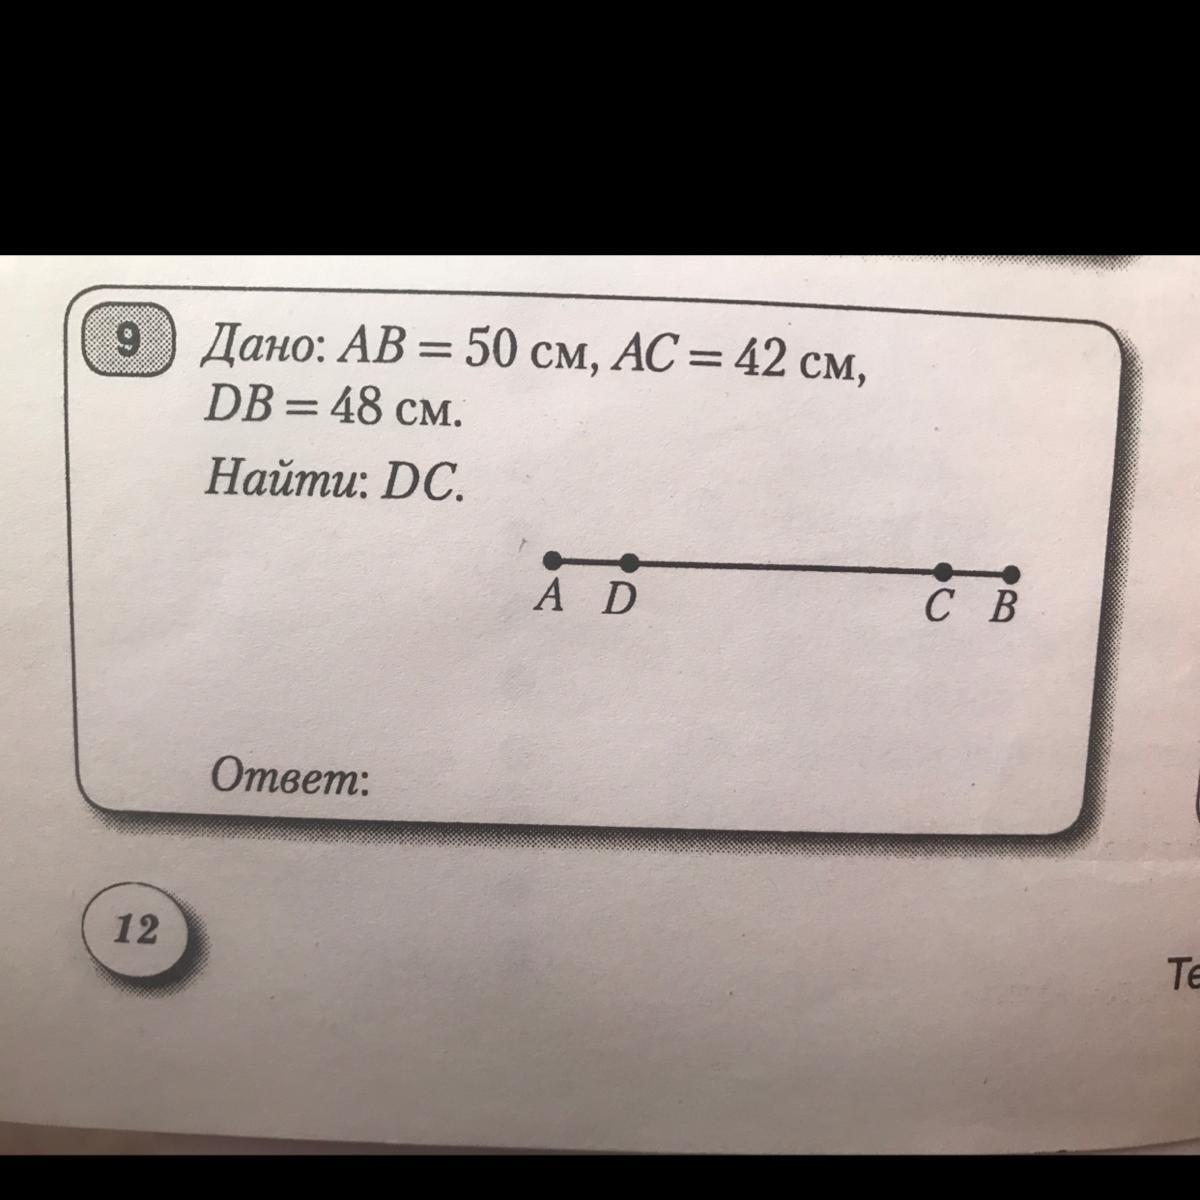 Дано: AB = 50 см, AC = 42 см